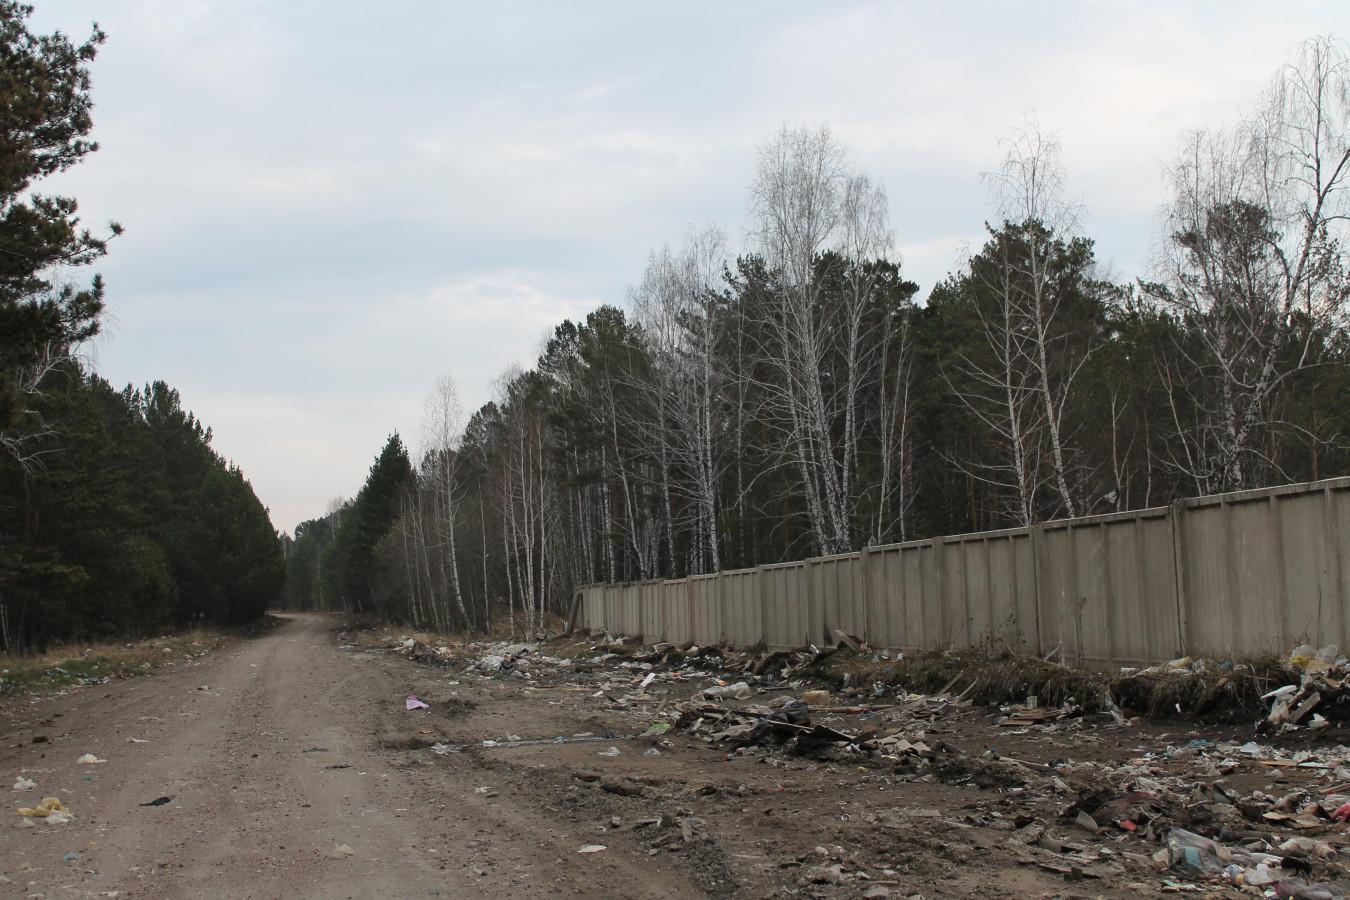 Состояние территории перед мусорным полигоном